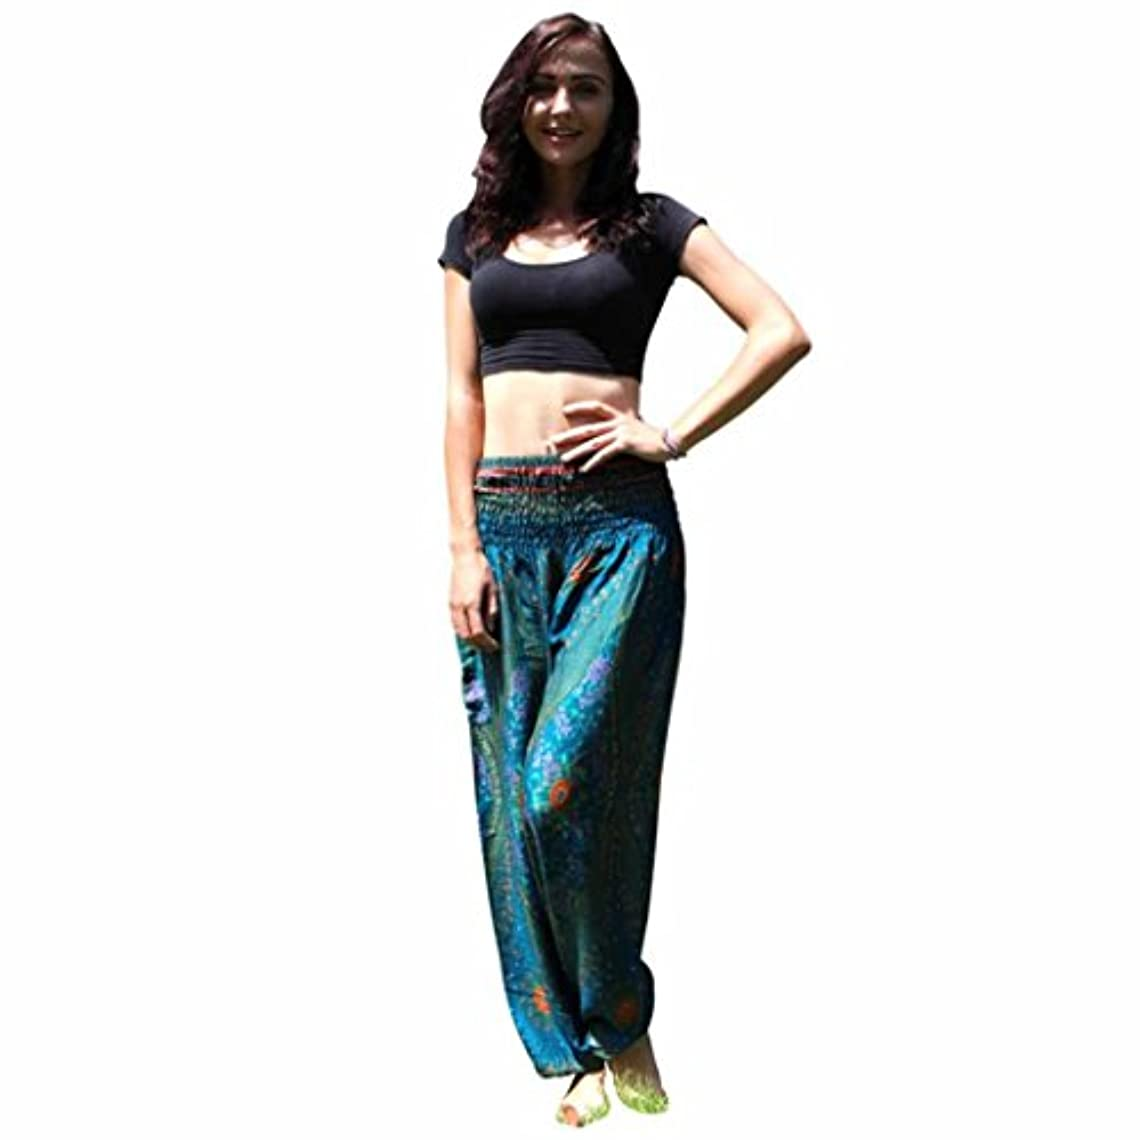 束ねるオーバードロー銀Mhomzawa パンツ男性女性タイのハレムのズボンフェスティバルヒッピーのスモックハイウエストのパンツのタイハーレムヨガ・パンツ